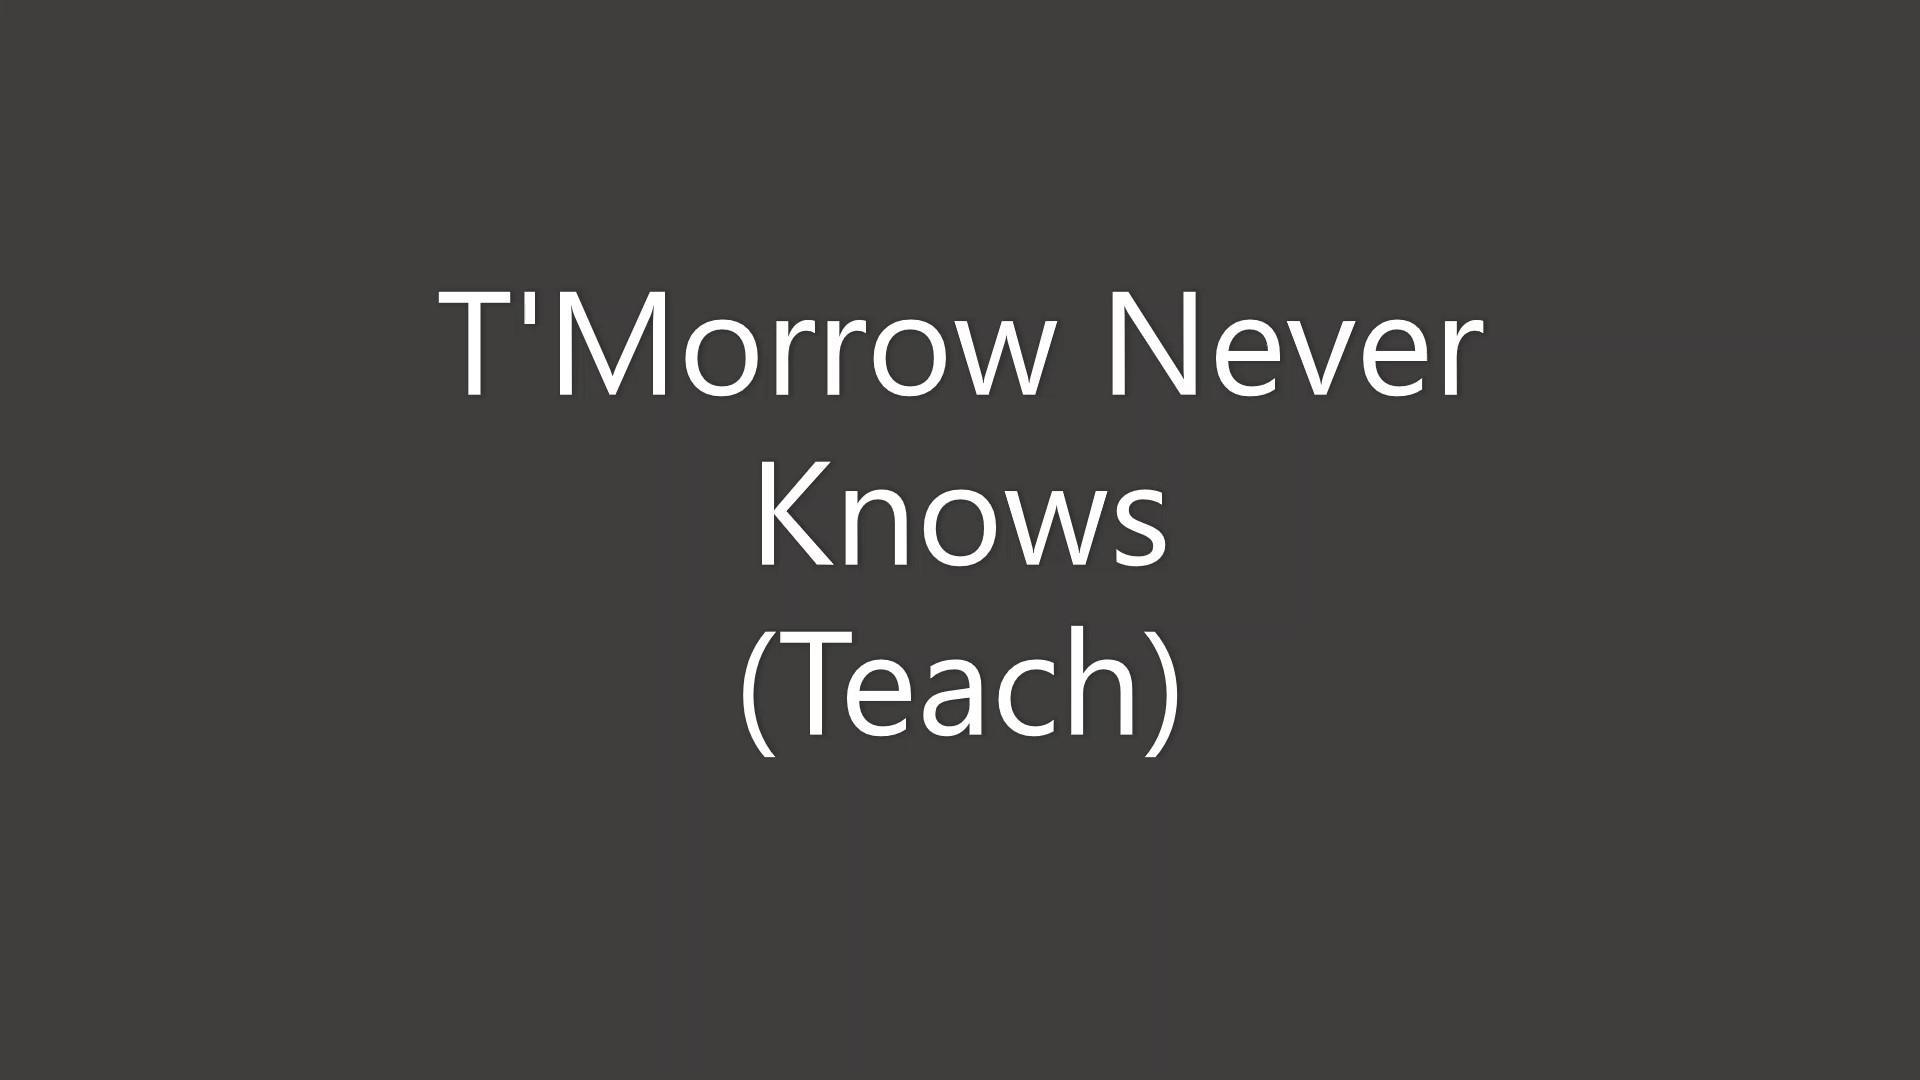 T'Morrow Never Knows Teach